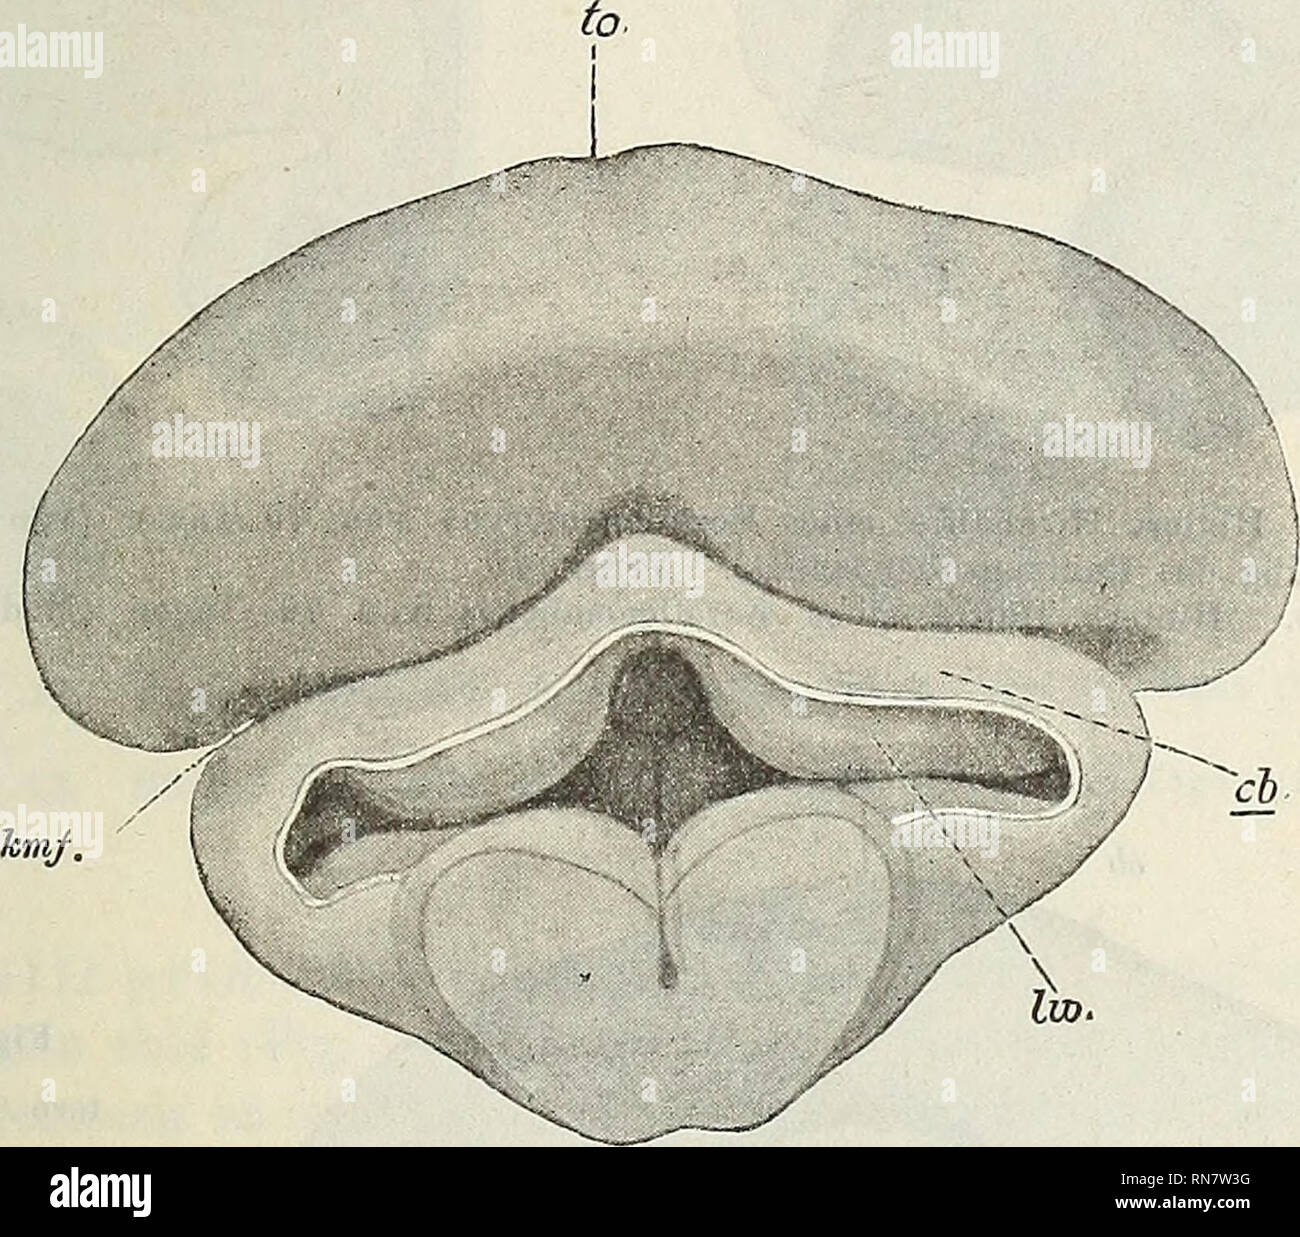 . Anatomischer Anzeiger. Anatomy, Comparative. 493 des Hinterhirnbläschens, also aus einer medianen Anlage hervor- gehen soll, als unrichtig erscheinen. Weitere Untersuchungen haben hier noch Aufklärung zu schaffen. In der Folge nun neigt sich die bisher senkrecht zur Längs- achse des Hirnrohrs gestellte Kleinhirn-Mittelhirnfalte mehr und mehr nach hinten (vgl. Fig. 4, 6 und 9 kmf miteinander), so daß die Klein- hirnanlage jetzt schräg über den vorderen Abschnitt der Rautengrube zu liegen kommt. Die Seitenteile des Cerebellums wuchern in außerordentlichem Maße und hängen bald als zwei mächtig| - Stock Image